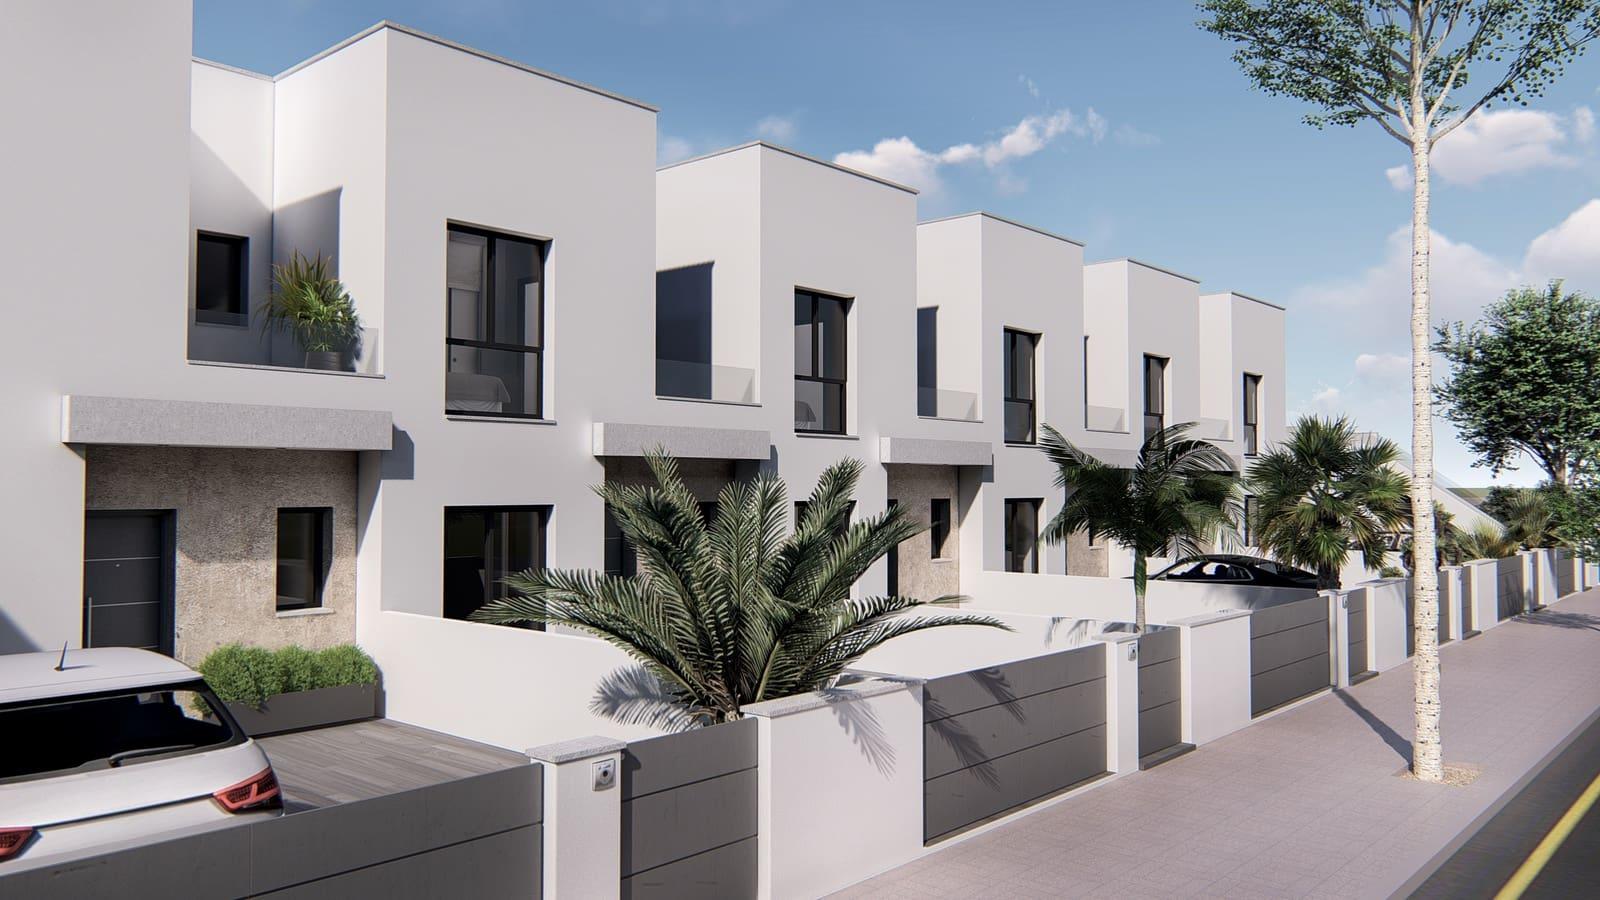 Apartamento de 3 habitaciones en Pilar de la Horadada en venta - 205.900 € (Ref: 4602814)